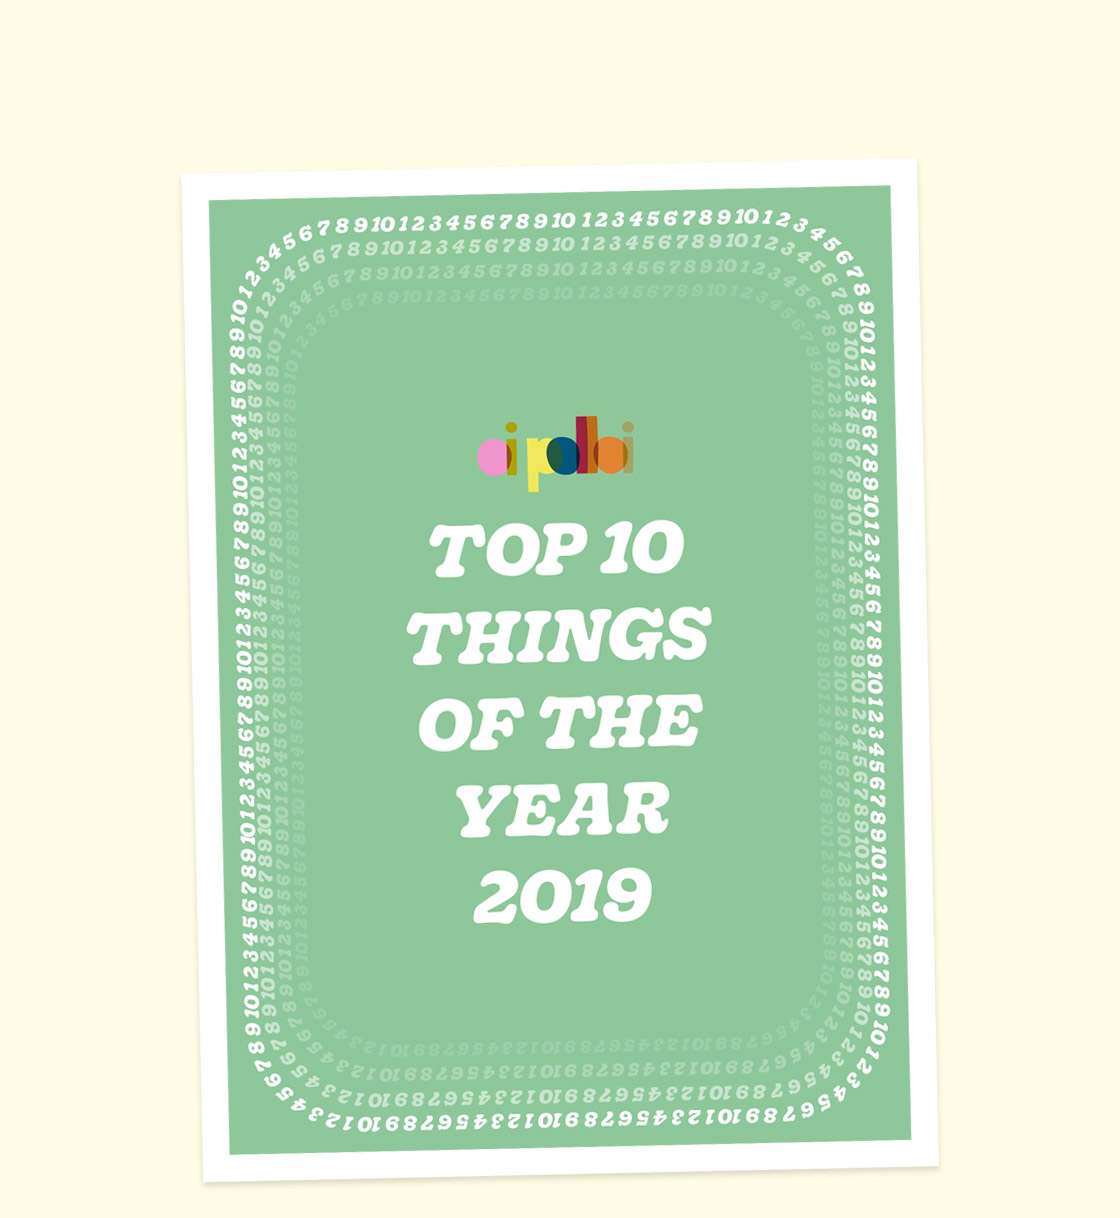 Top Ten Things of 2019